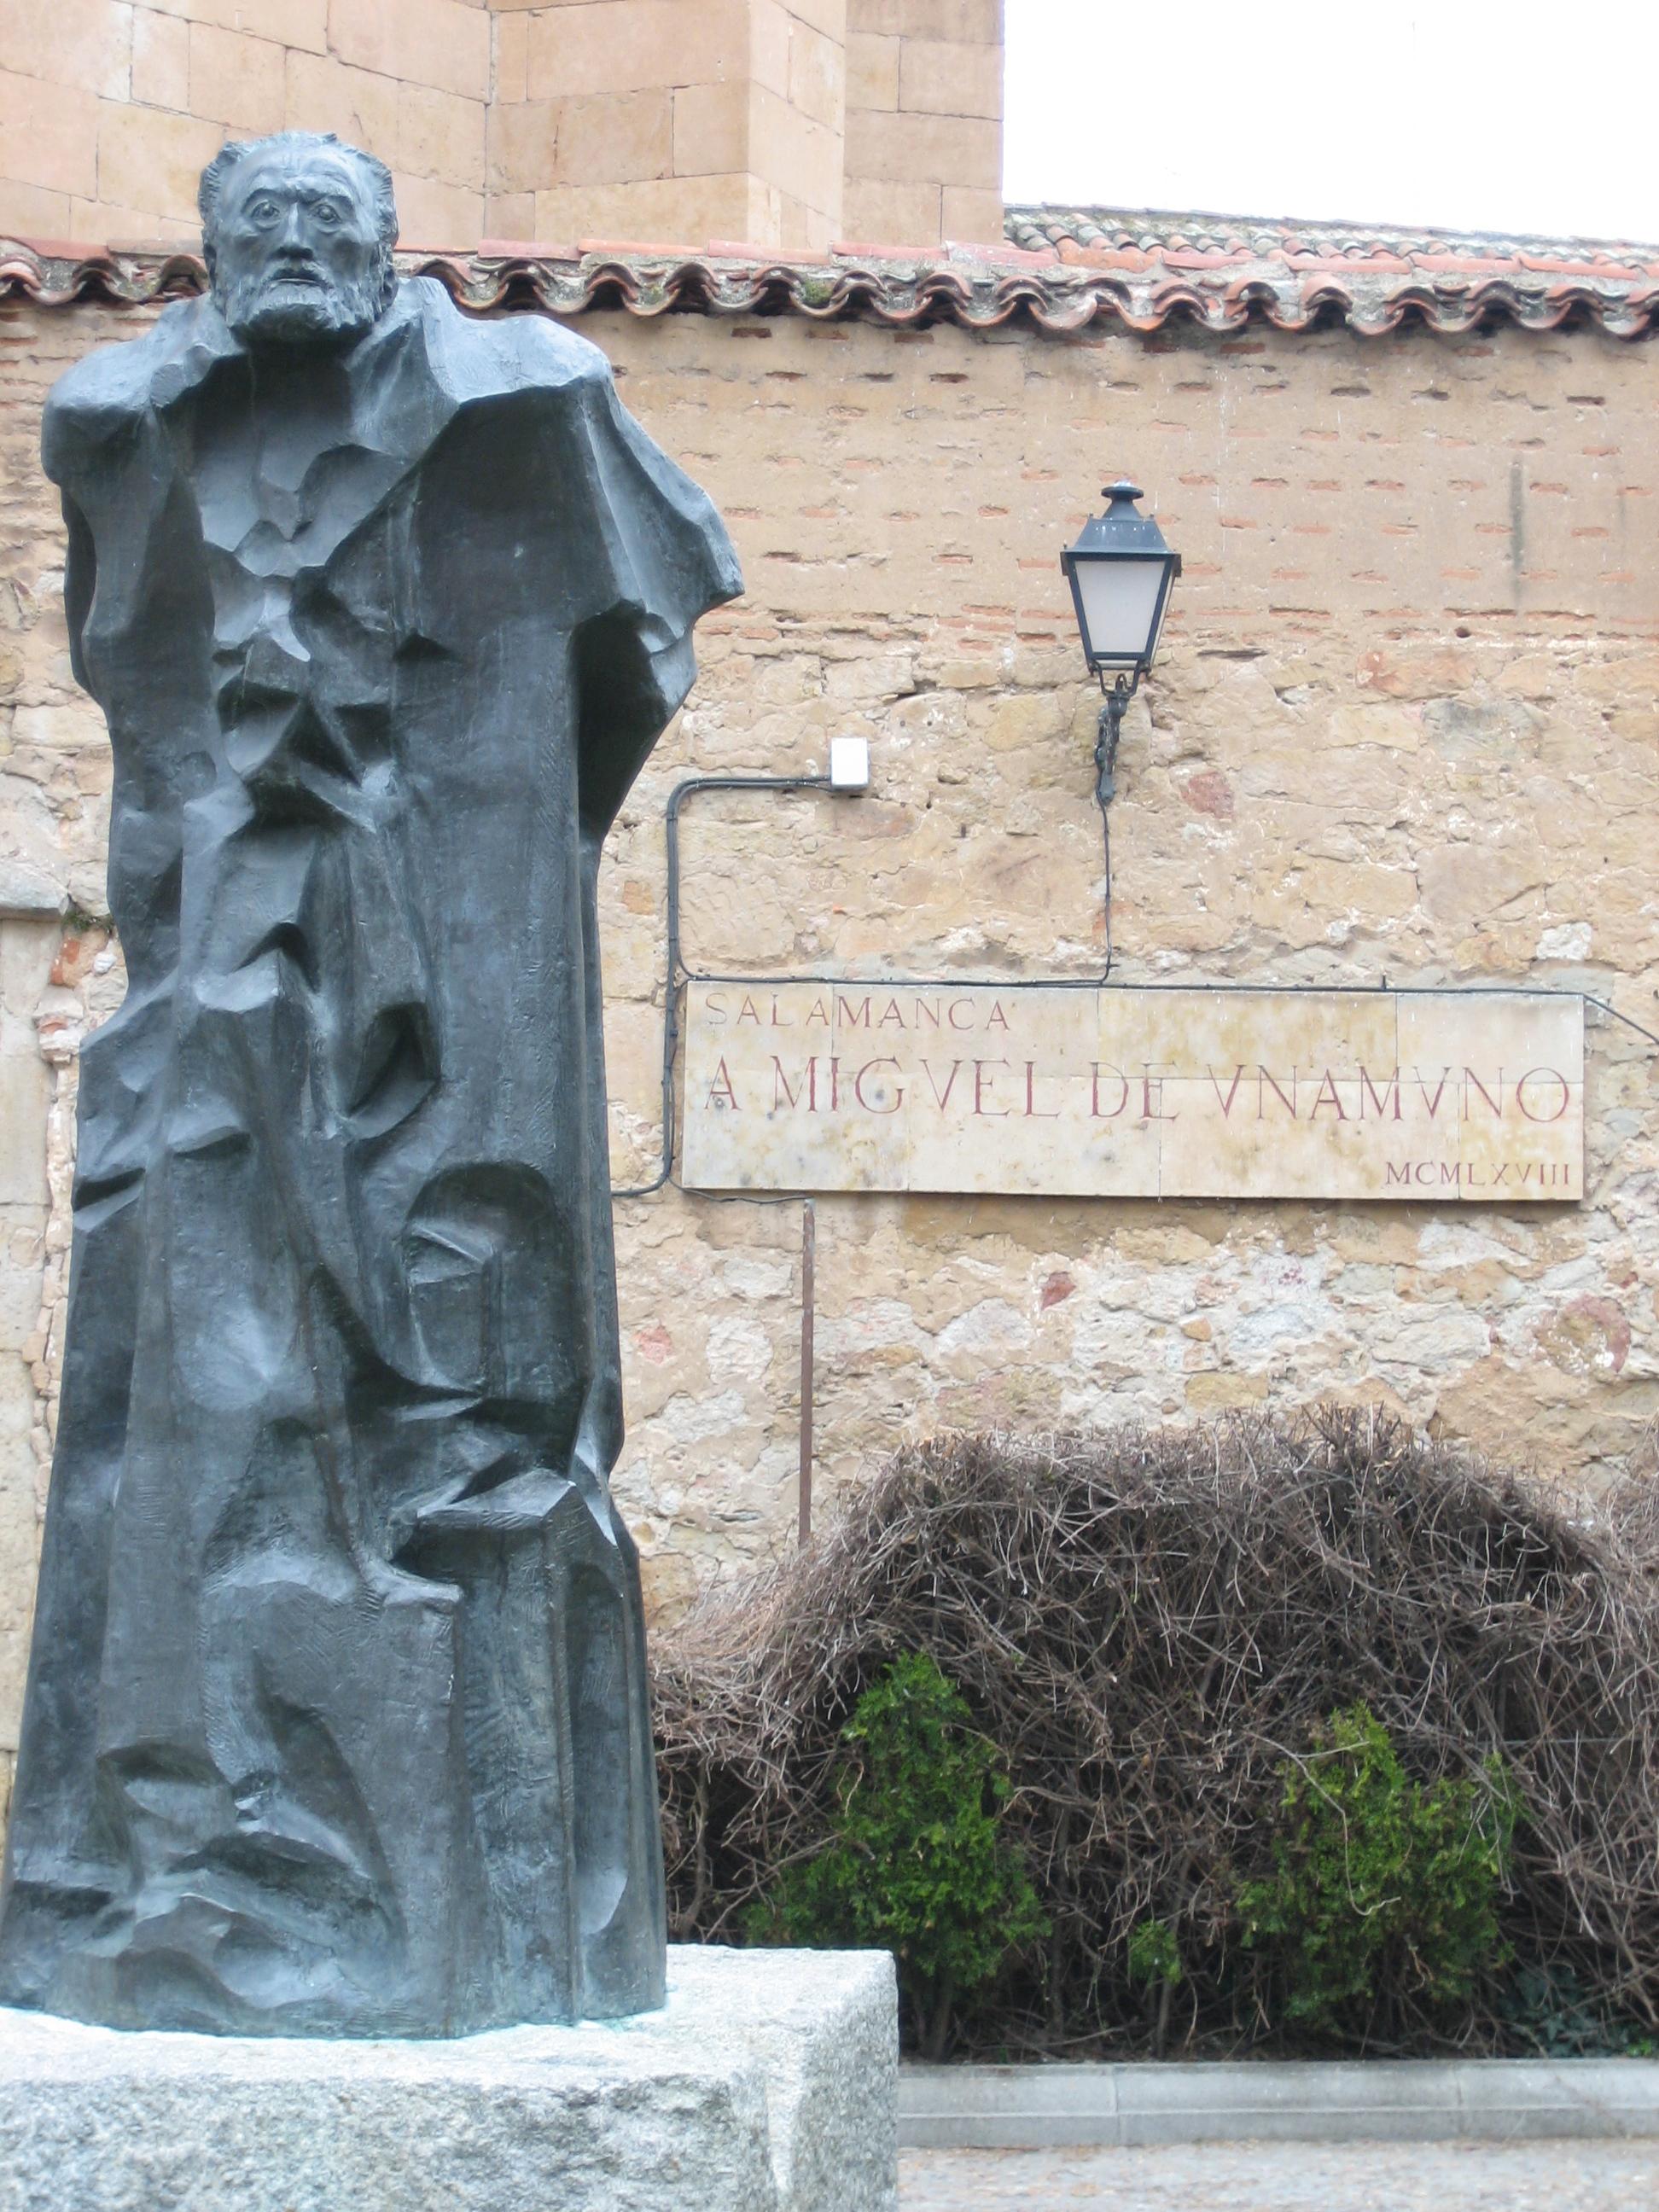 Pablo Serrano: Escultura de Unamuno en Salamanca. 1968.